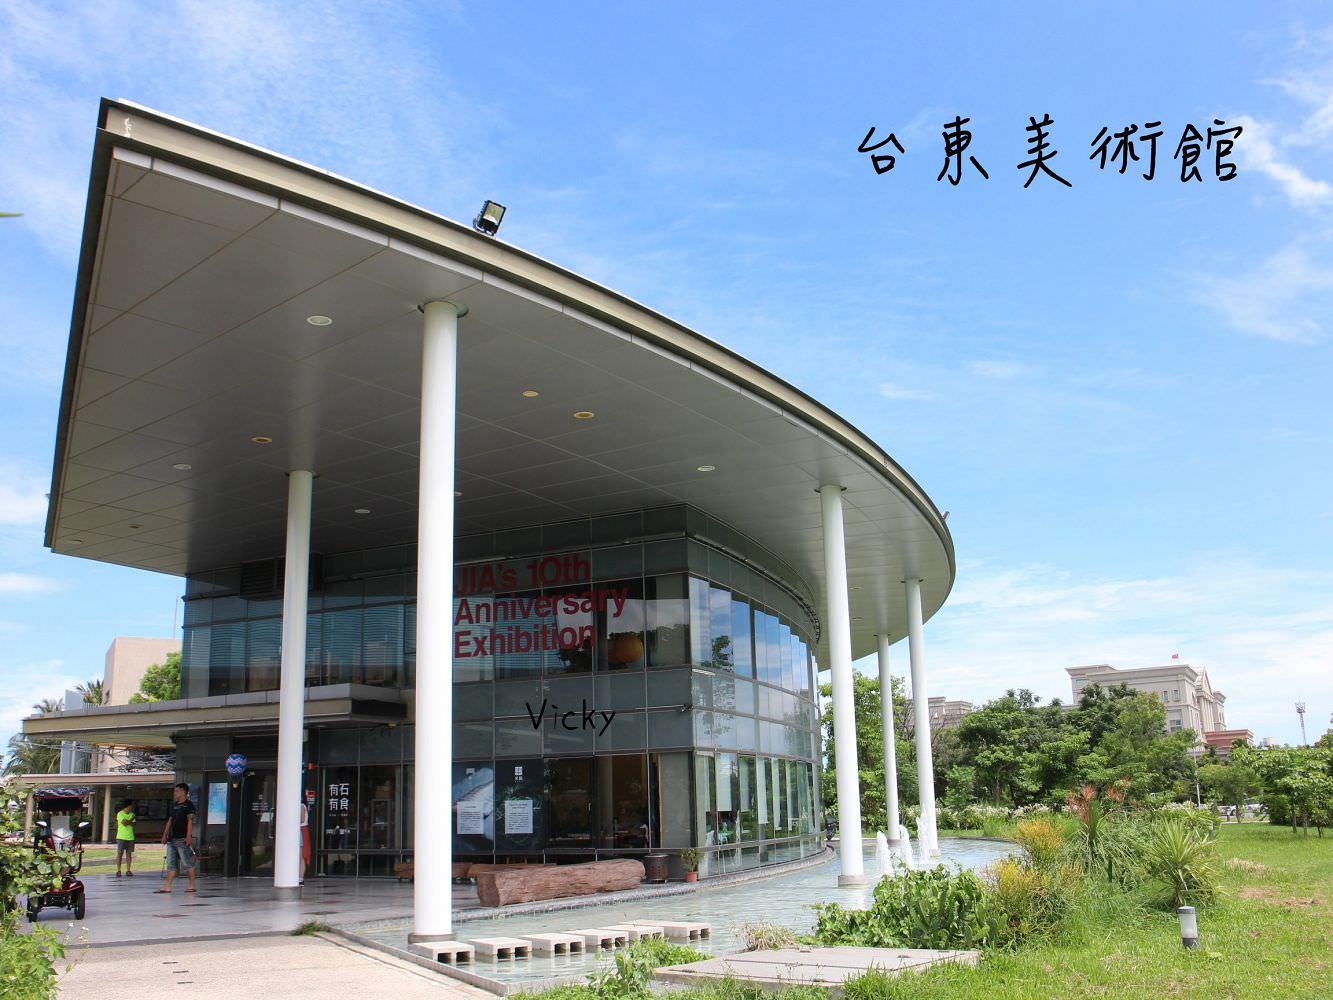 台東親子景點︱台東美術館、兒童公園:就讓孩子攀爬樹屋,恣意地玩積木牆,還可以到賴馬公園玩耍,盡情享受這美好